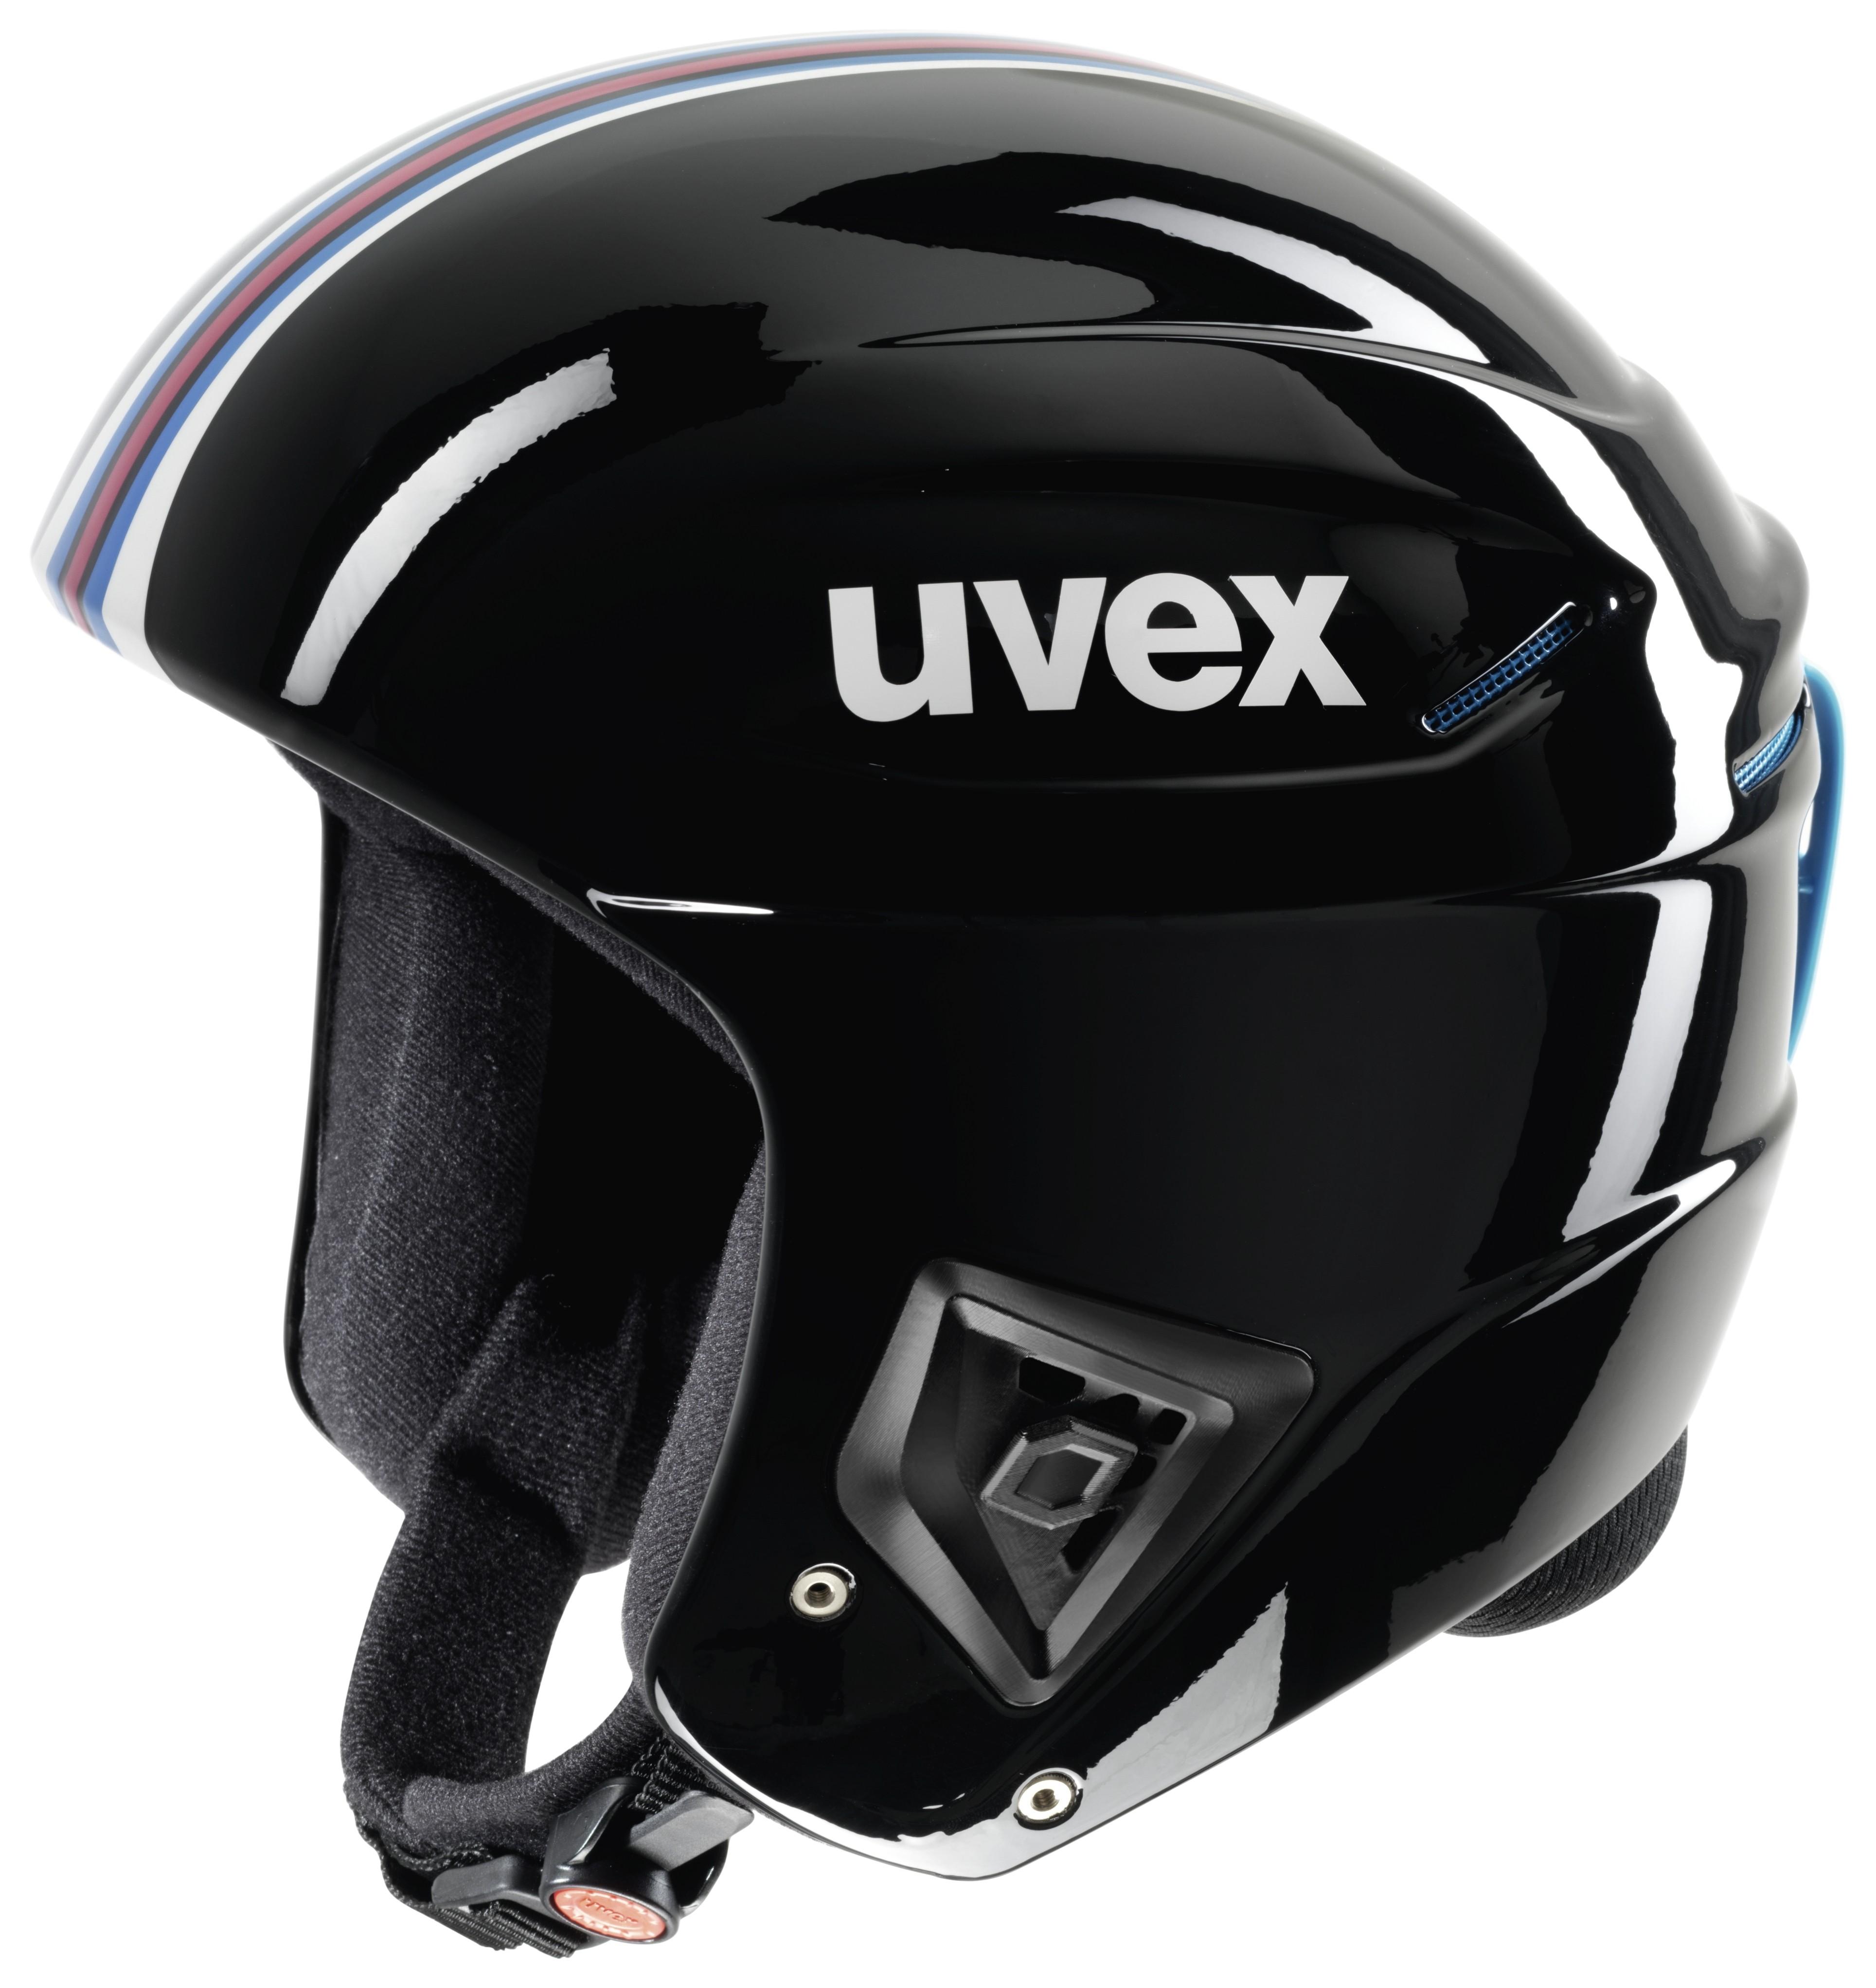 Uvex race + FIS ski helmet, 2017, black/pink